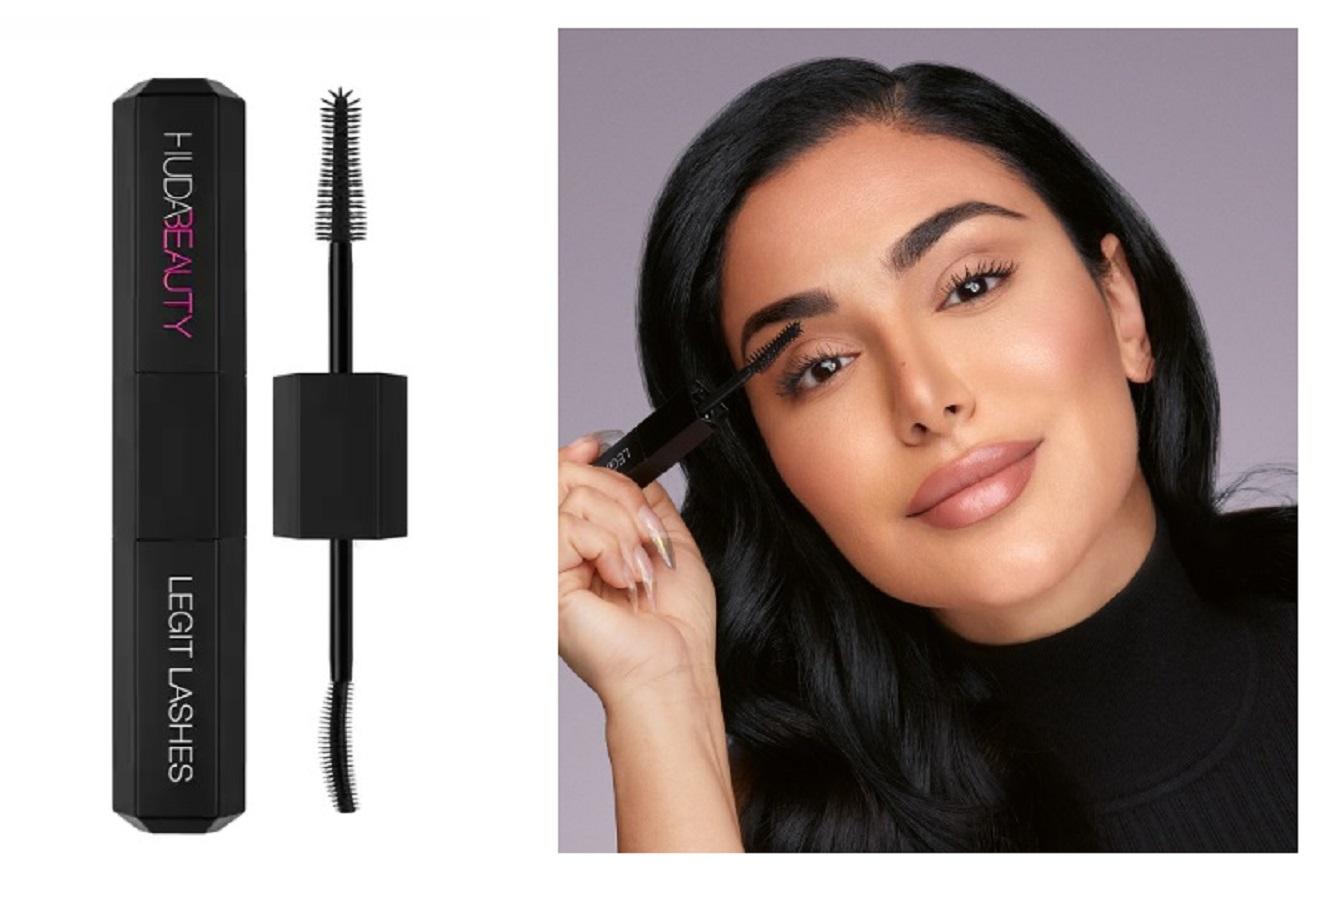 Tutte pazze per il nuovo mascara Huda Beauty Legit Lashes